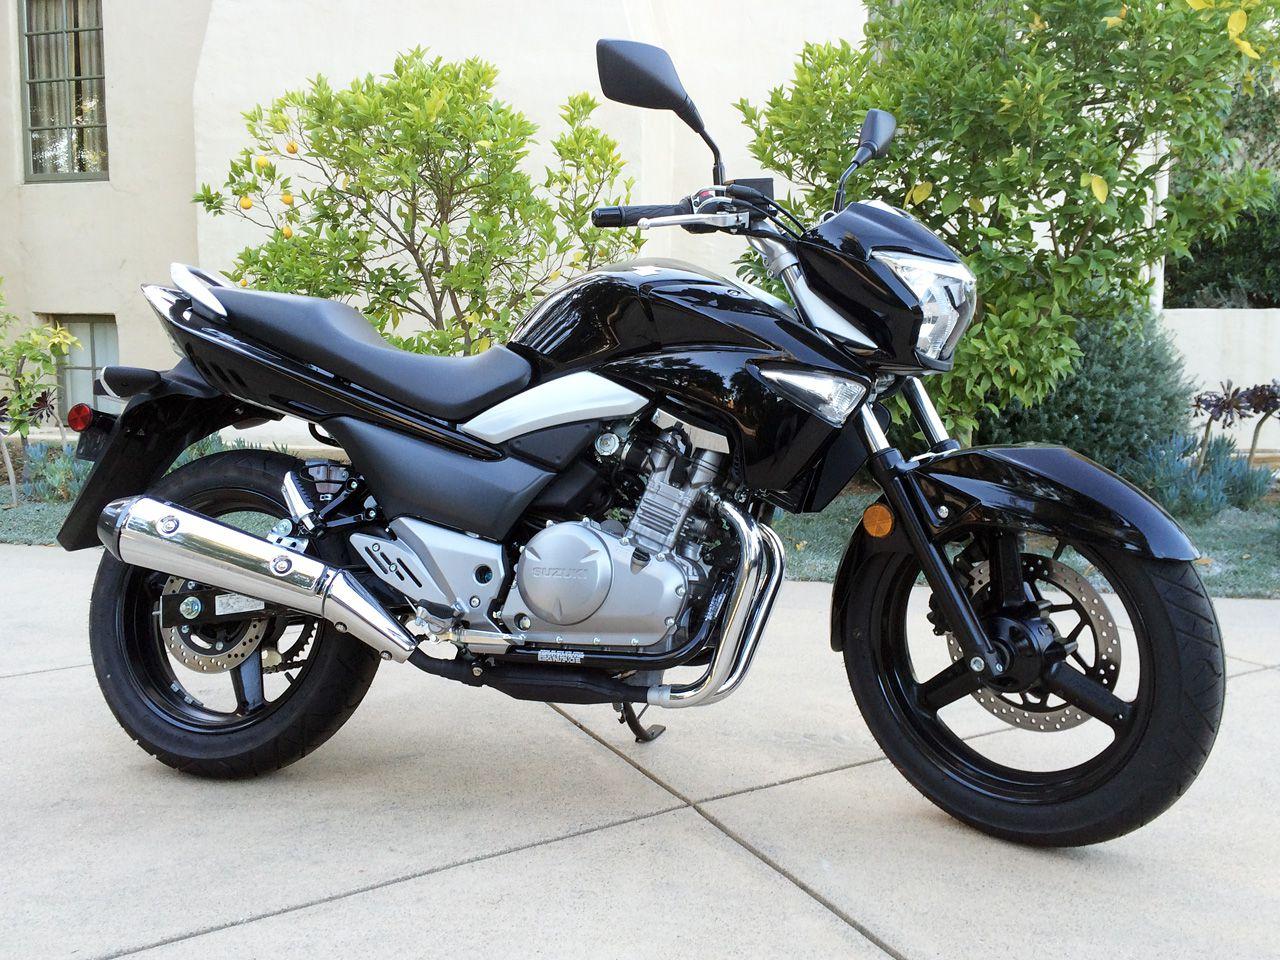 виды мотоциклов сузуки фото описание тогда представлялось мне